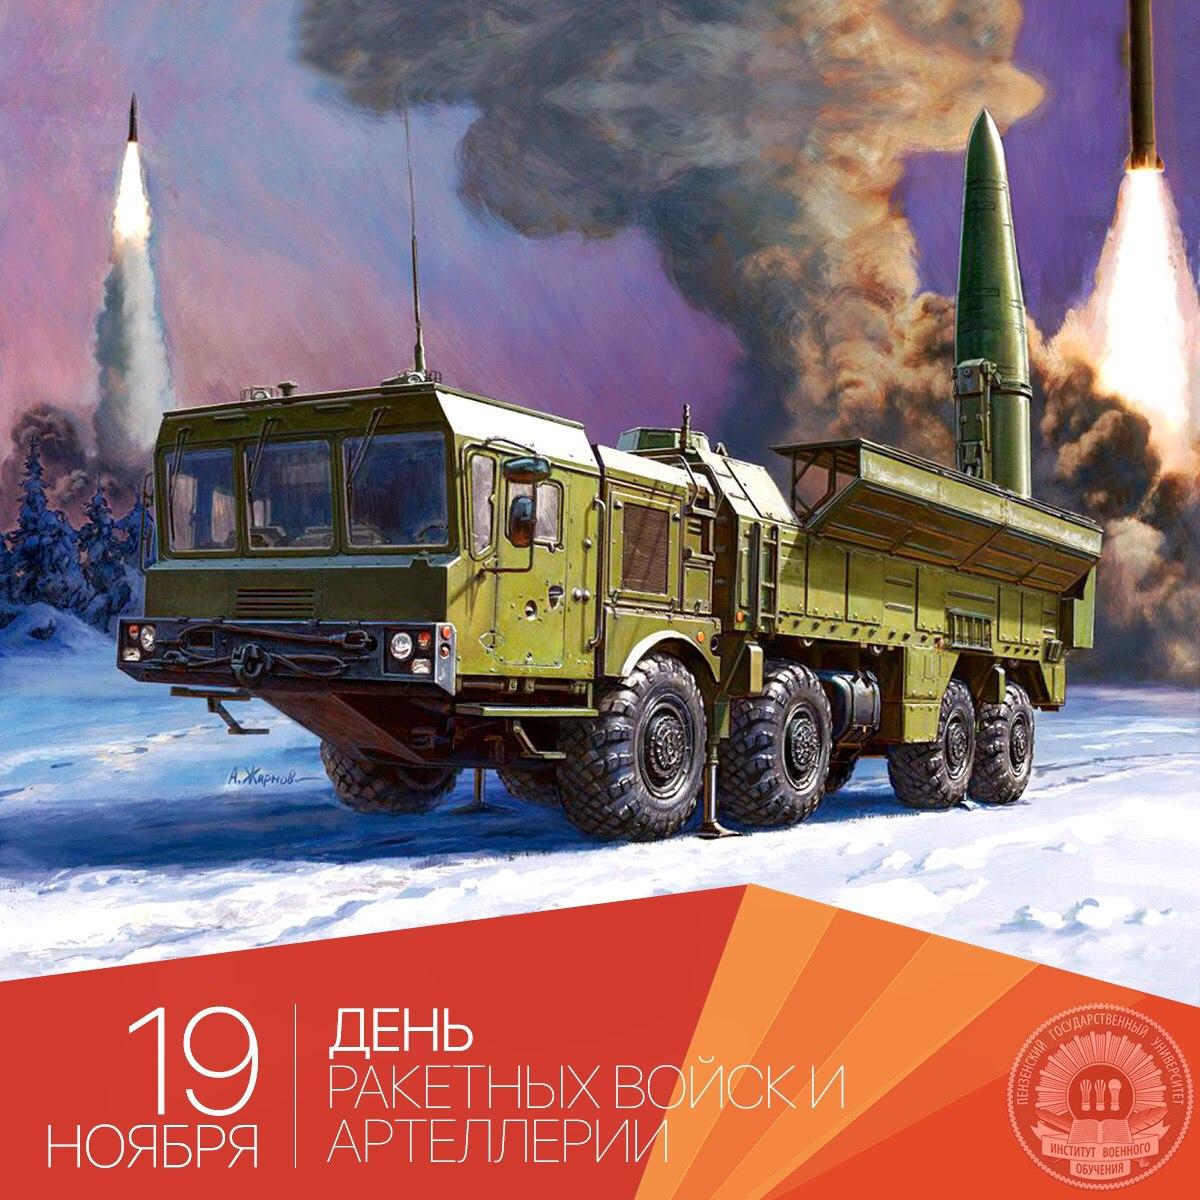 Картинки с днем ракетных войск и артиллерии, картинки чебурашкой